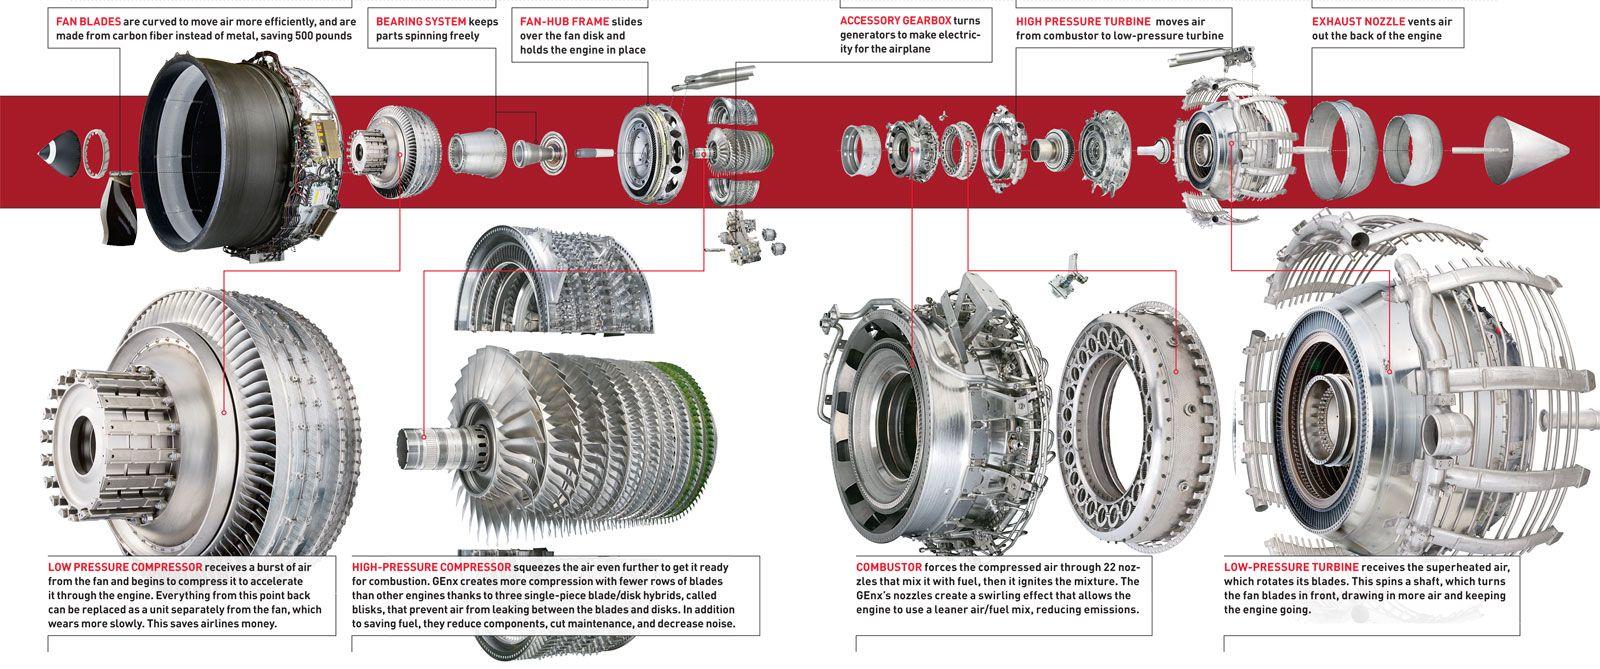 Boeing 787 Dreamliner GEnx engine Jet turbine, Jet